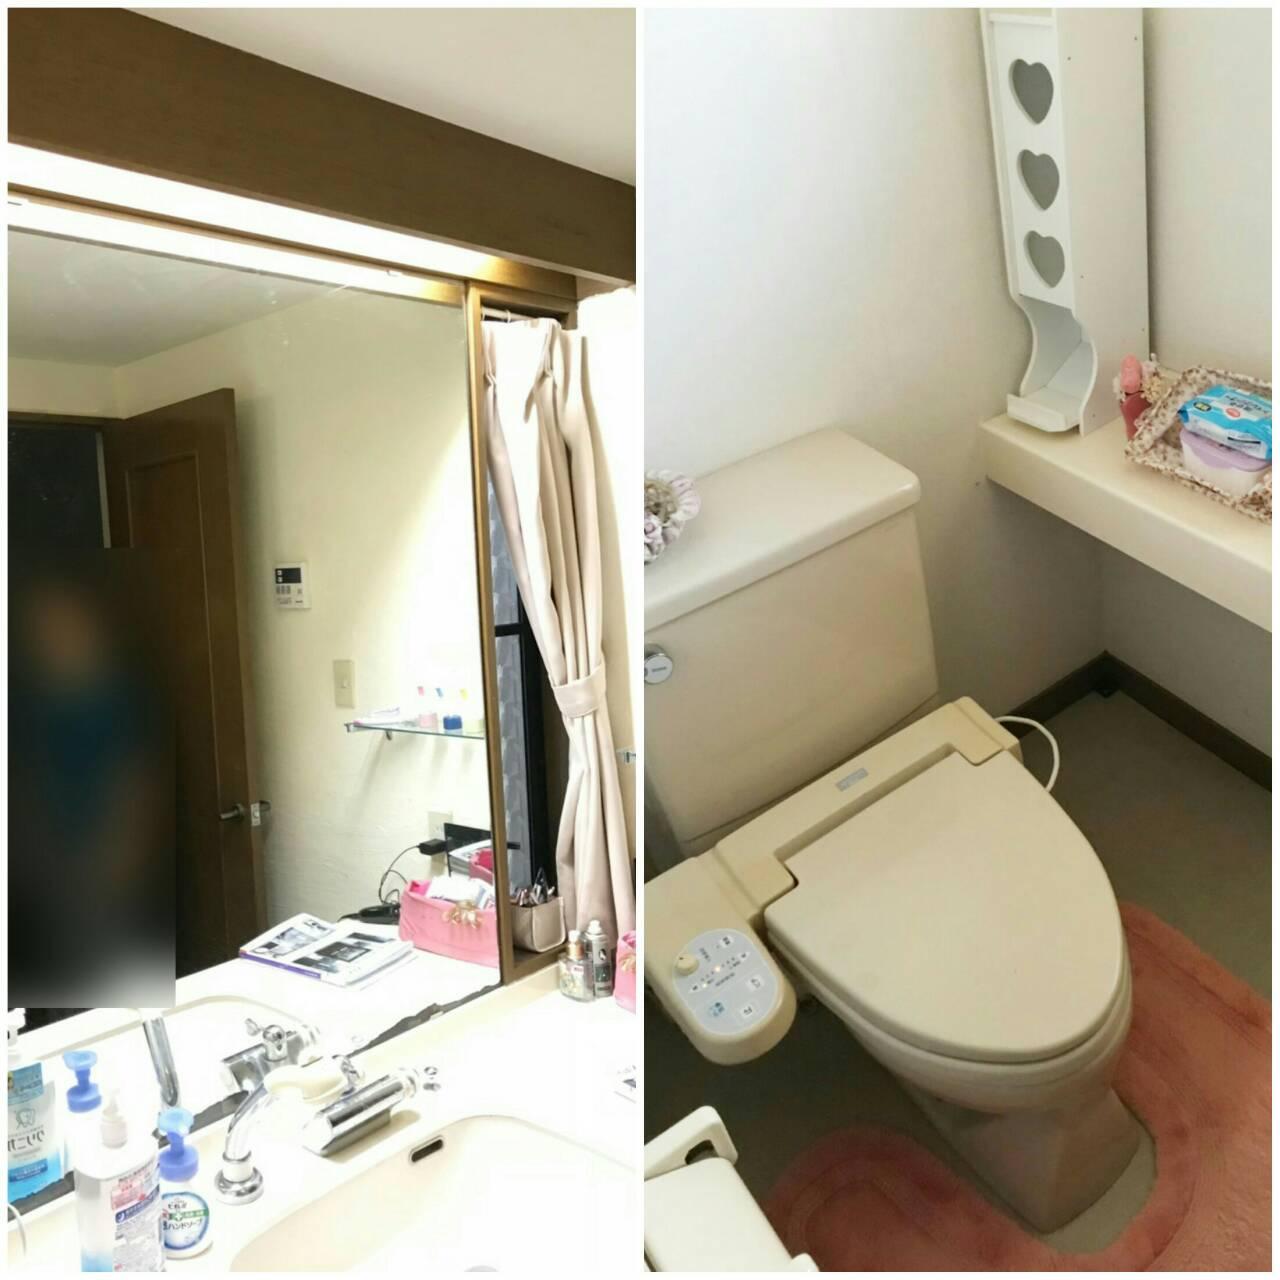 川西市清和台西 まるでホテル!?最高級の洗面台・トイレ!